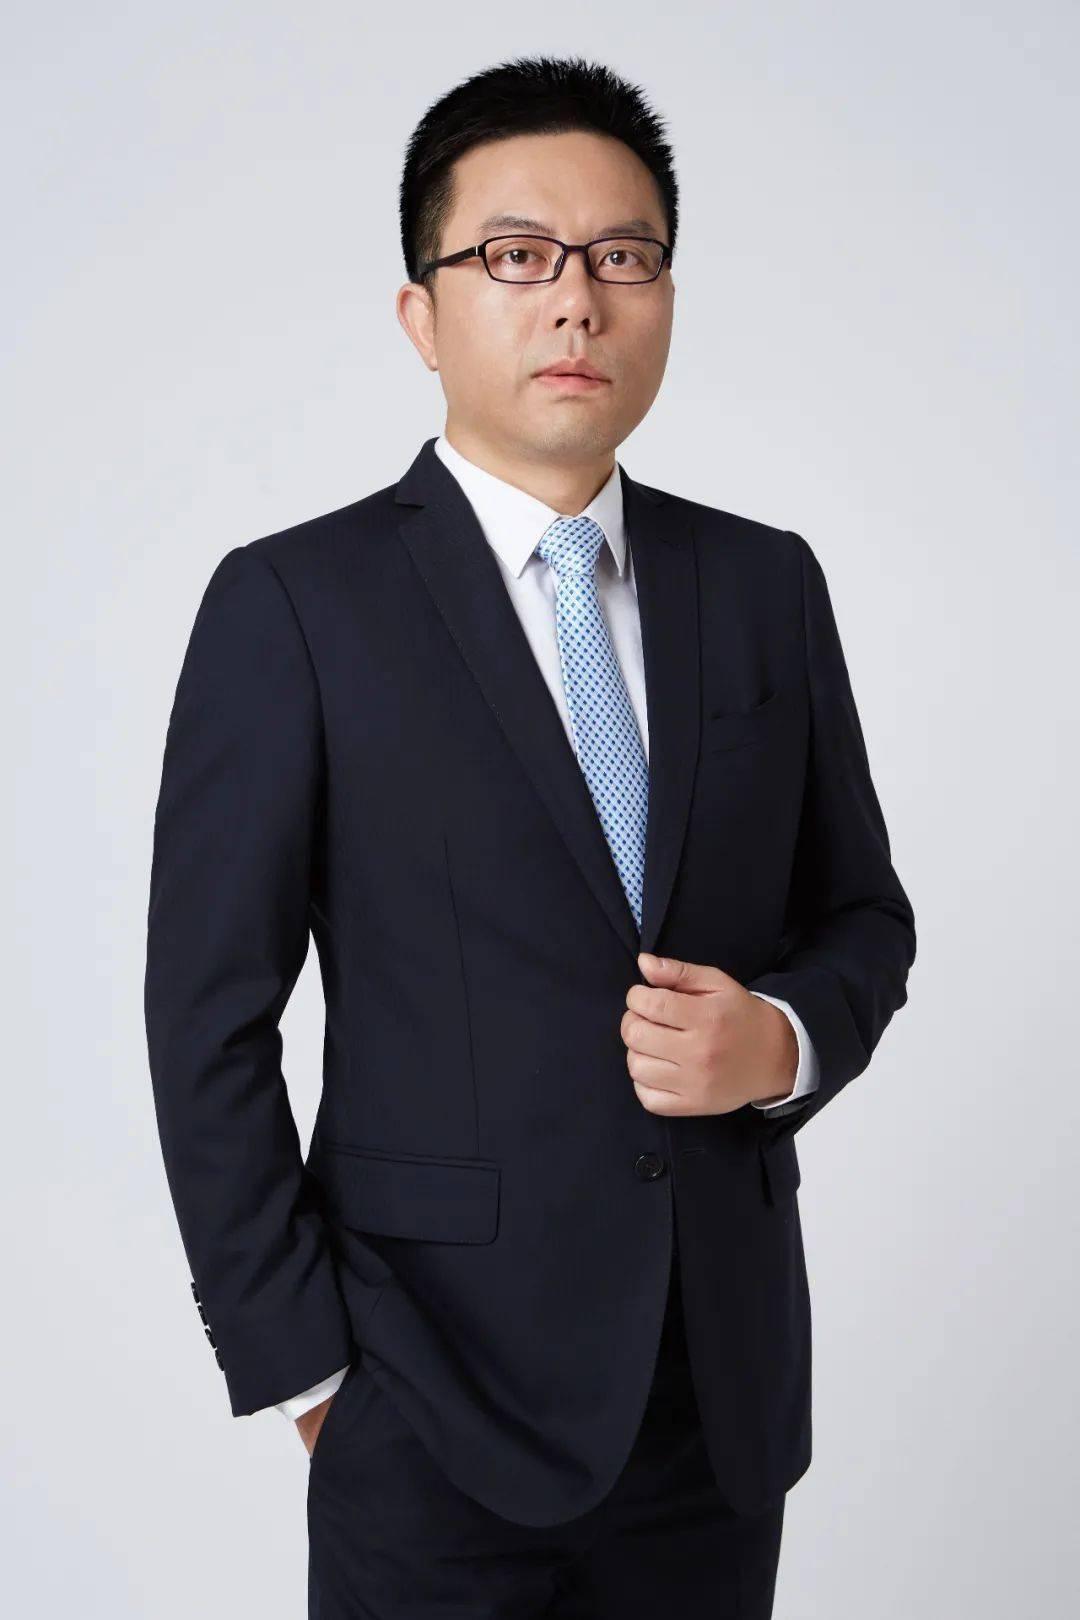 四小时独家专访林鹏:勇于挑战市场共识,做优秀企业的长期陪伴者!